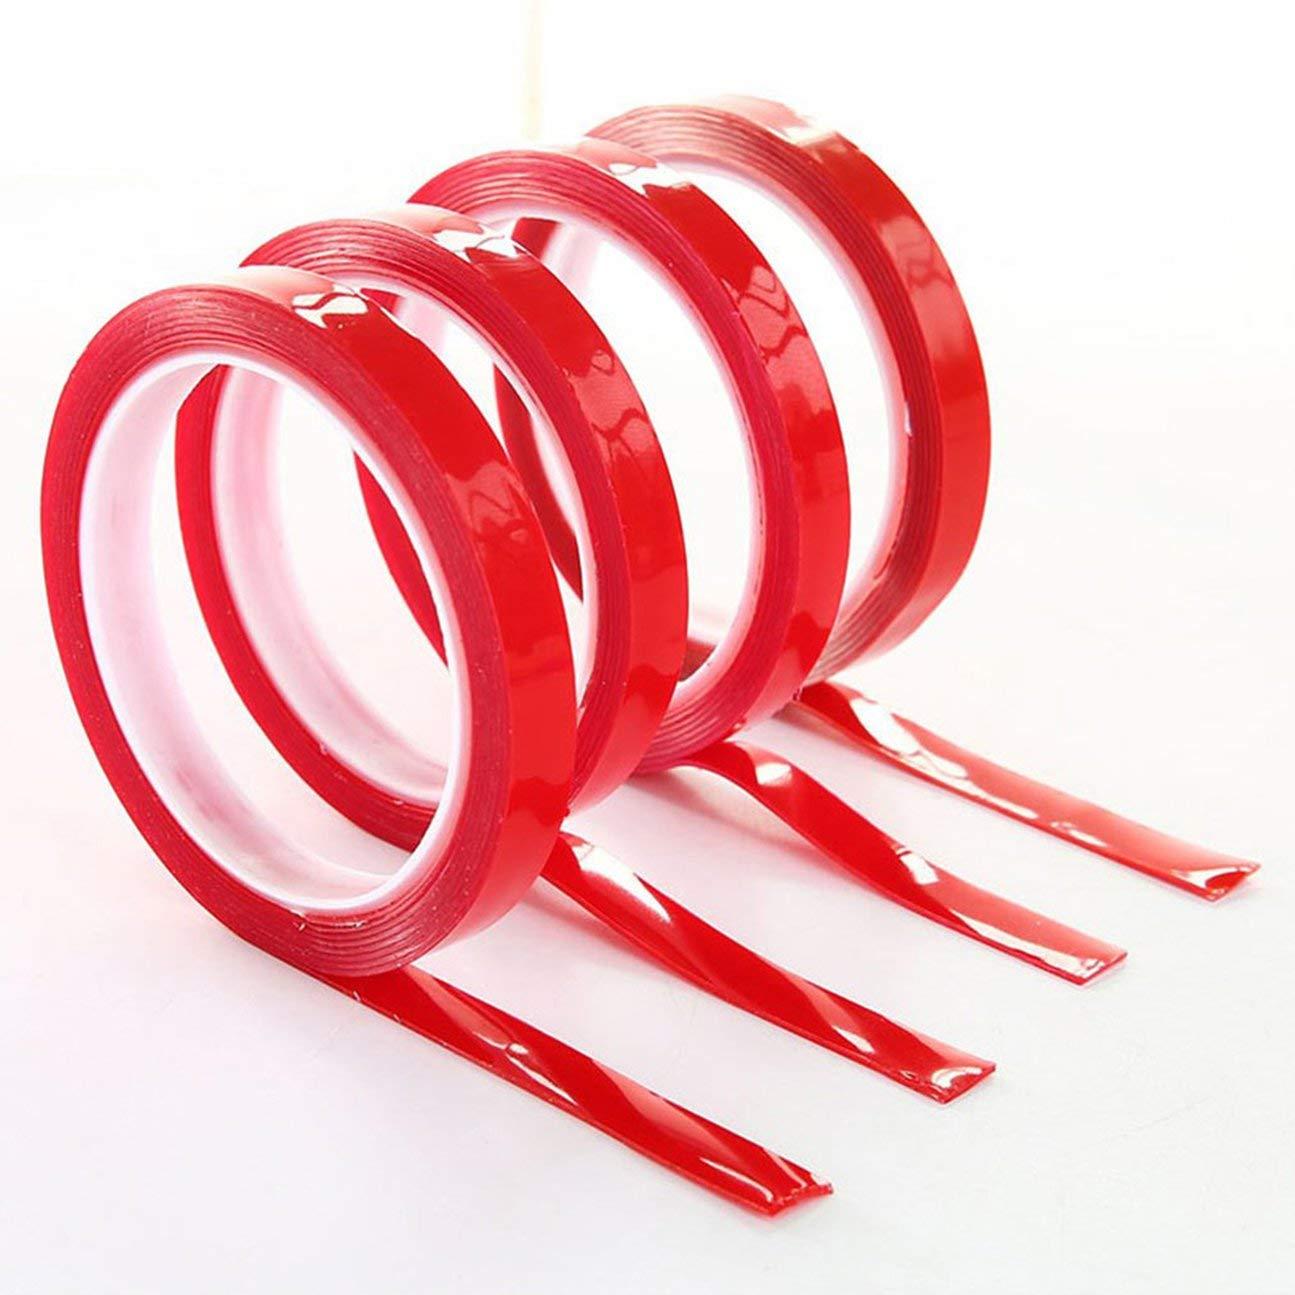 Adhesivo de doble cara adhesivo de espuma de acr/ílico adhesivo pegamento fortalecer la pasta de cinta para el coche accesorios de decoraci/ón del hogar